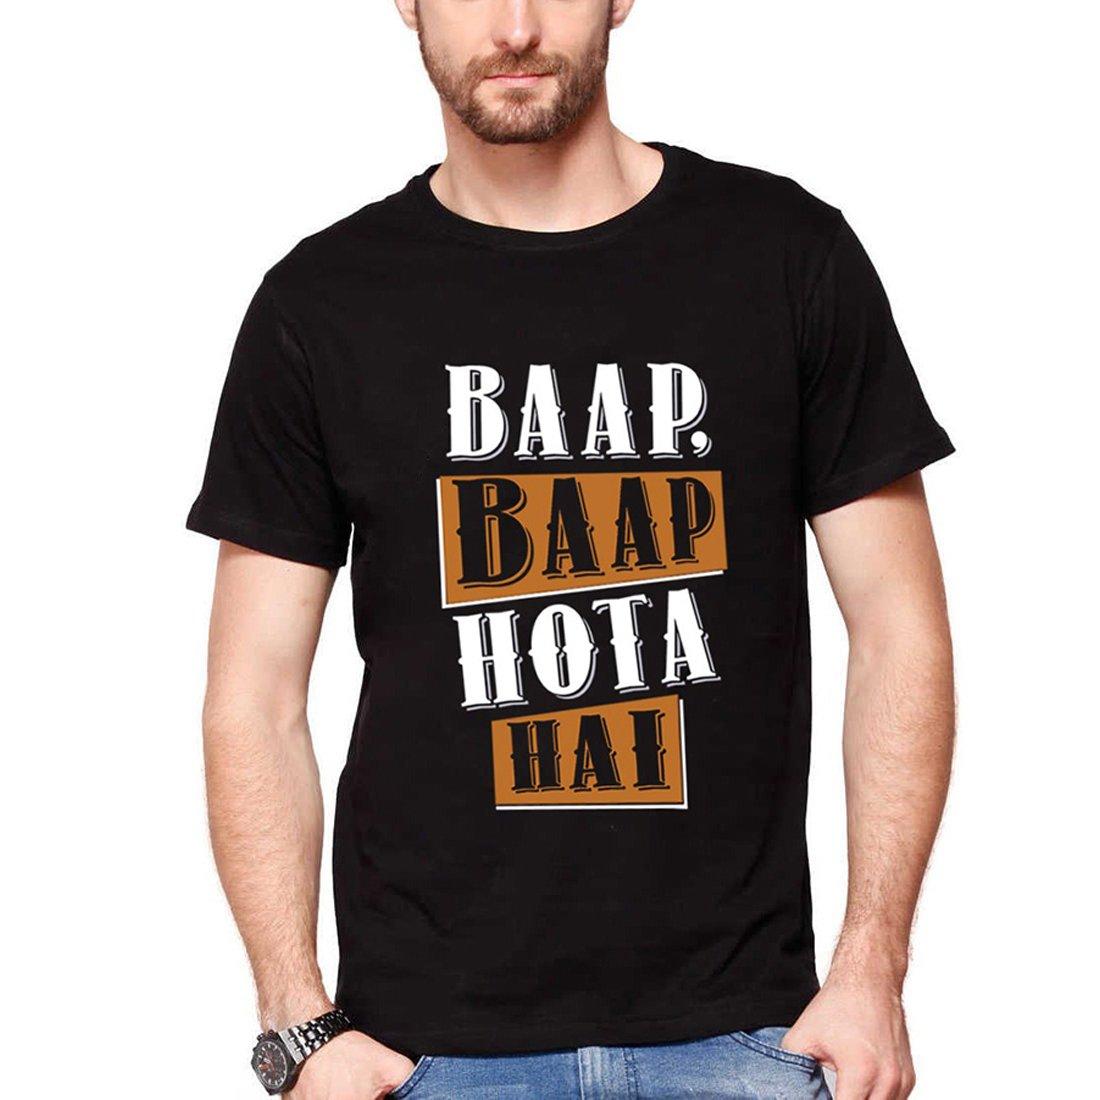 1edf37c0d Modum Baap Baap Hota Hai Mens Printed Tshirt: Amazon.in: Clothing &  Accessories